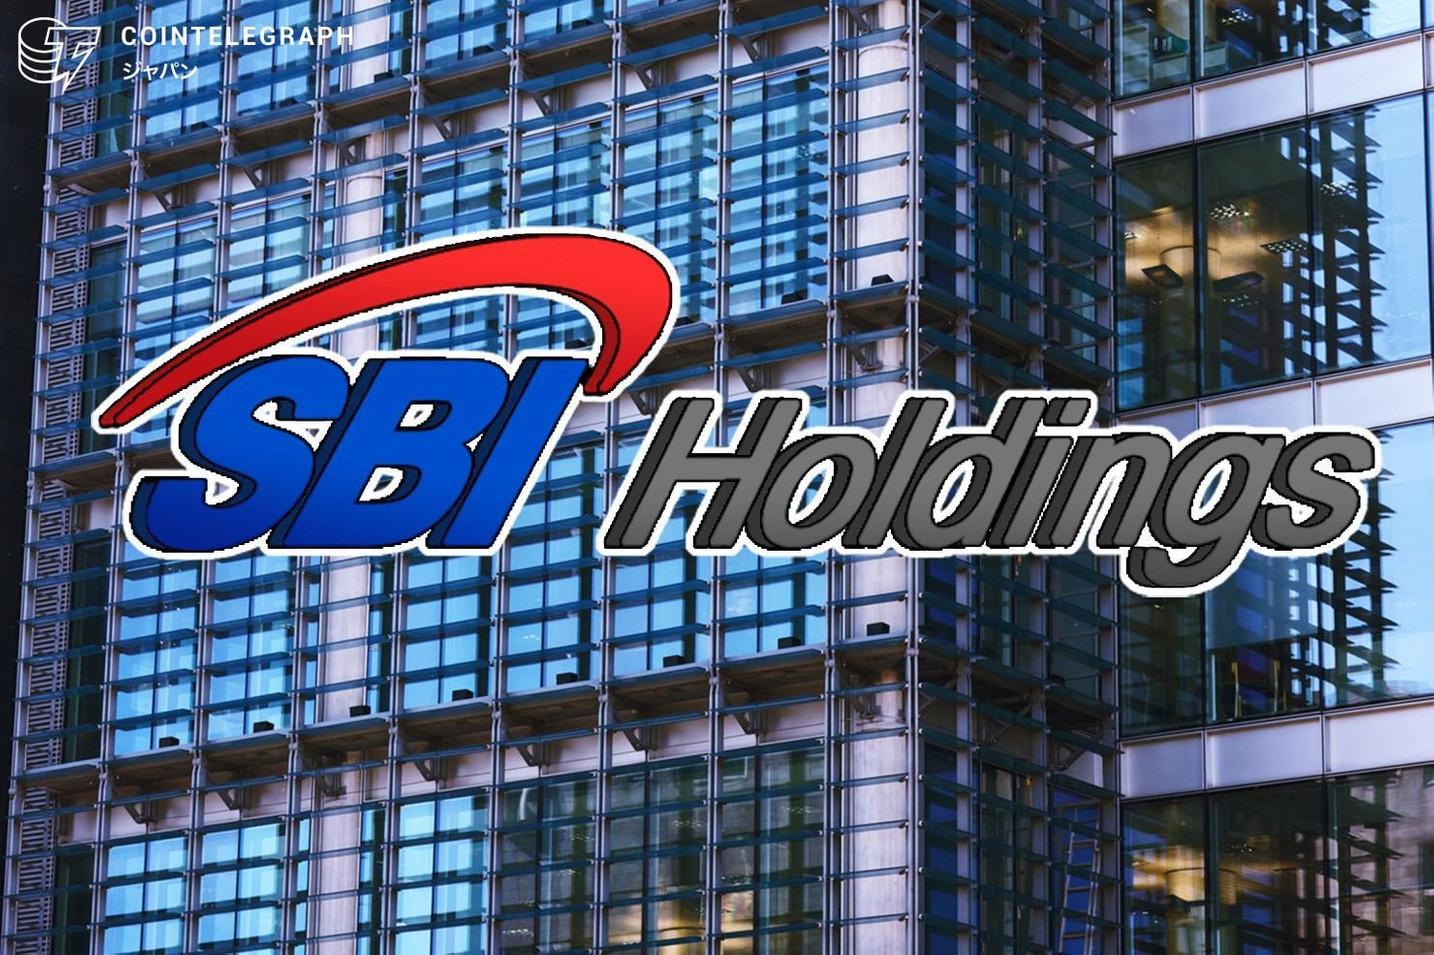 【速報】仮想通貨取引所SBI VCトレード、板取引を開始 XRP・ビットコイン・イーサで予定通り